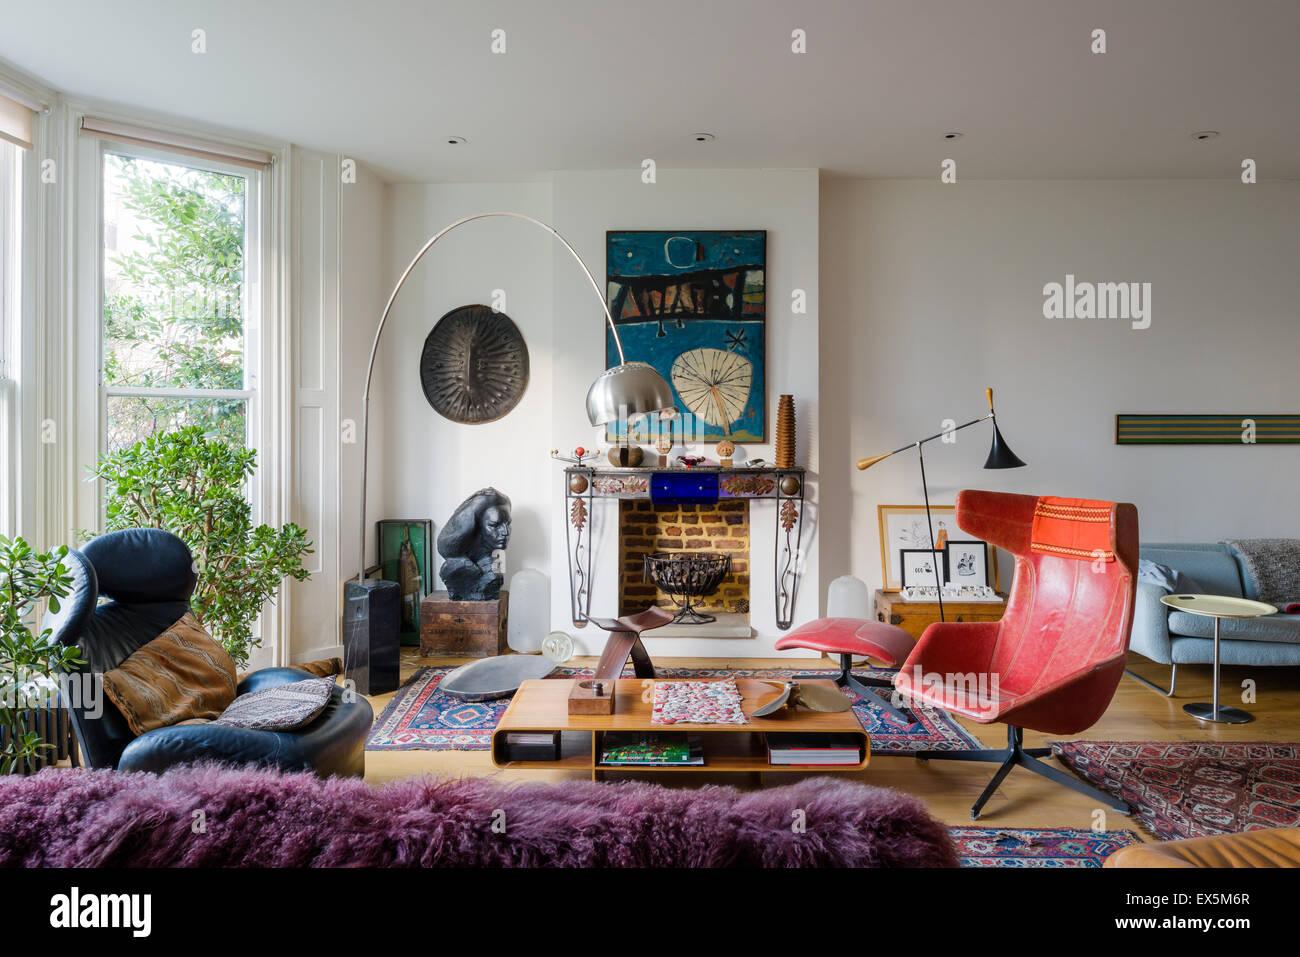 Luminosa sala da disegno riempito con mobili in stile eclettico. La lampada ad arco è da Archille Castiglione, Immagini Stock